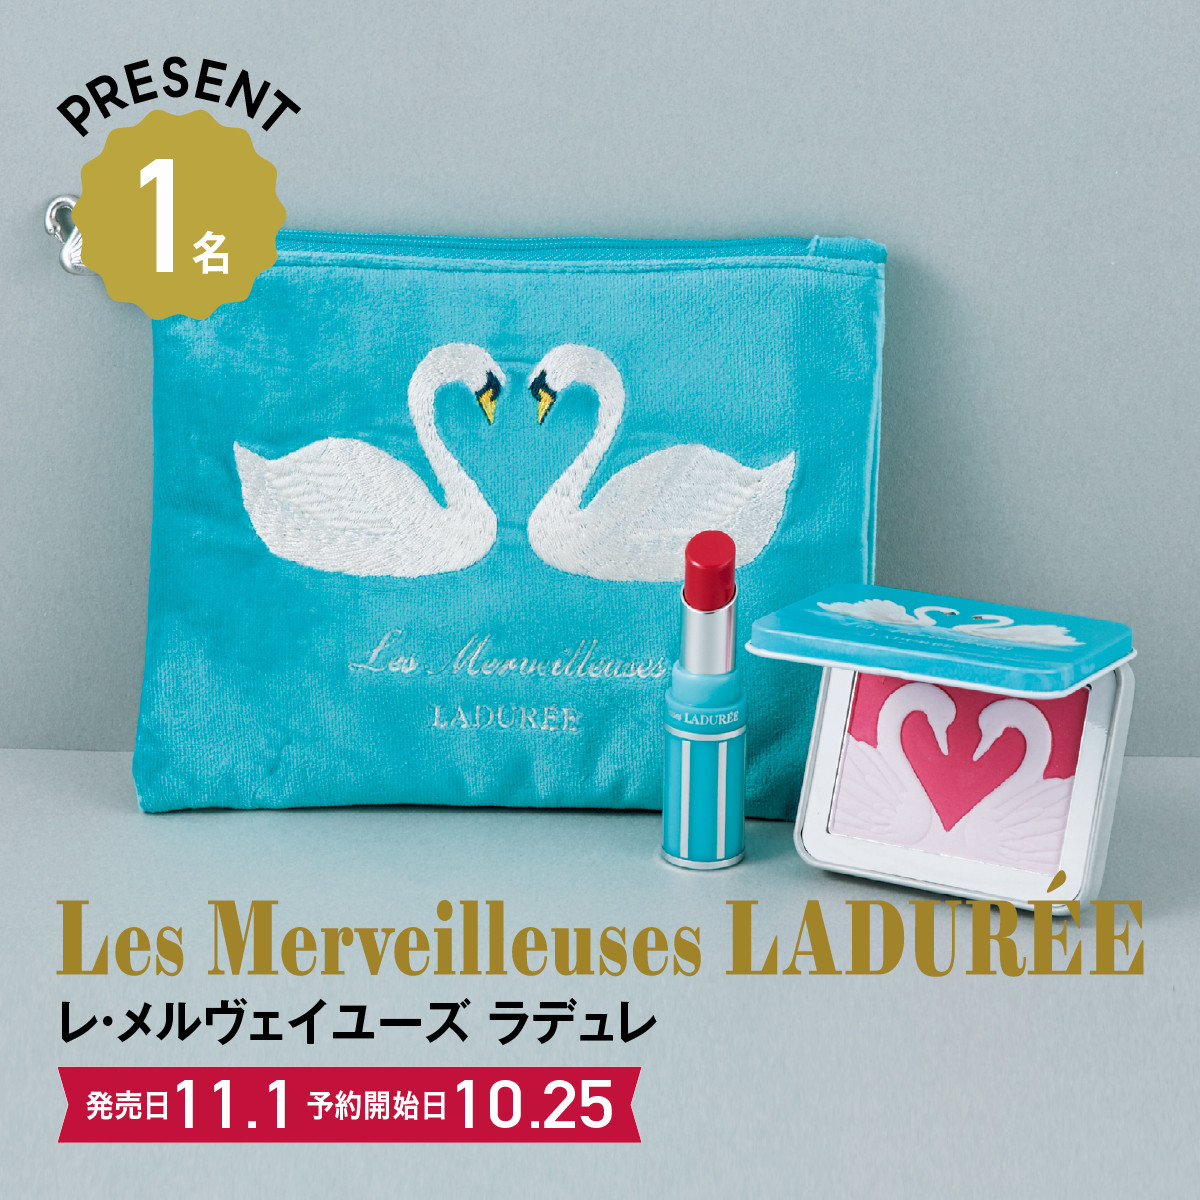 2019クリスマスコフレ&限定品: Les Merveilleuses LADURÉE /レ・メルヴェイユーズ ラデュレ